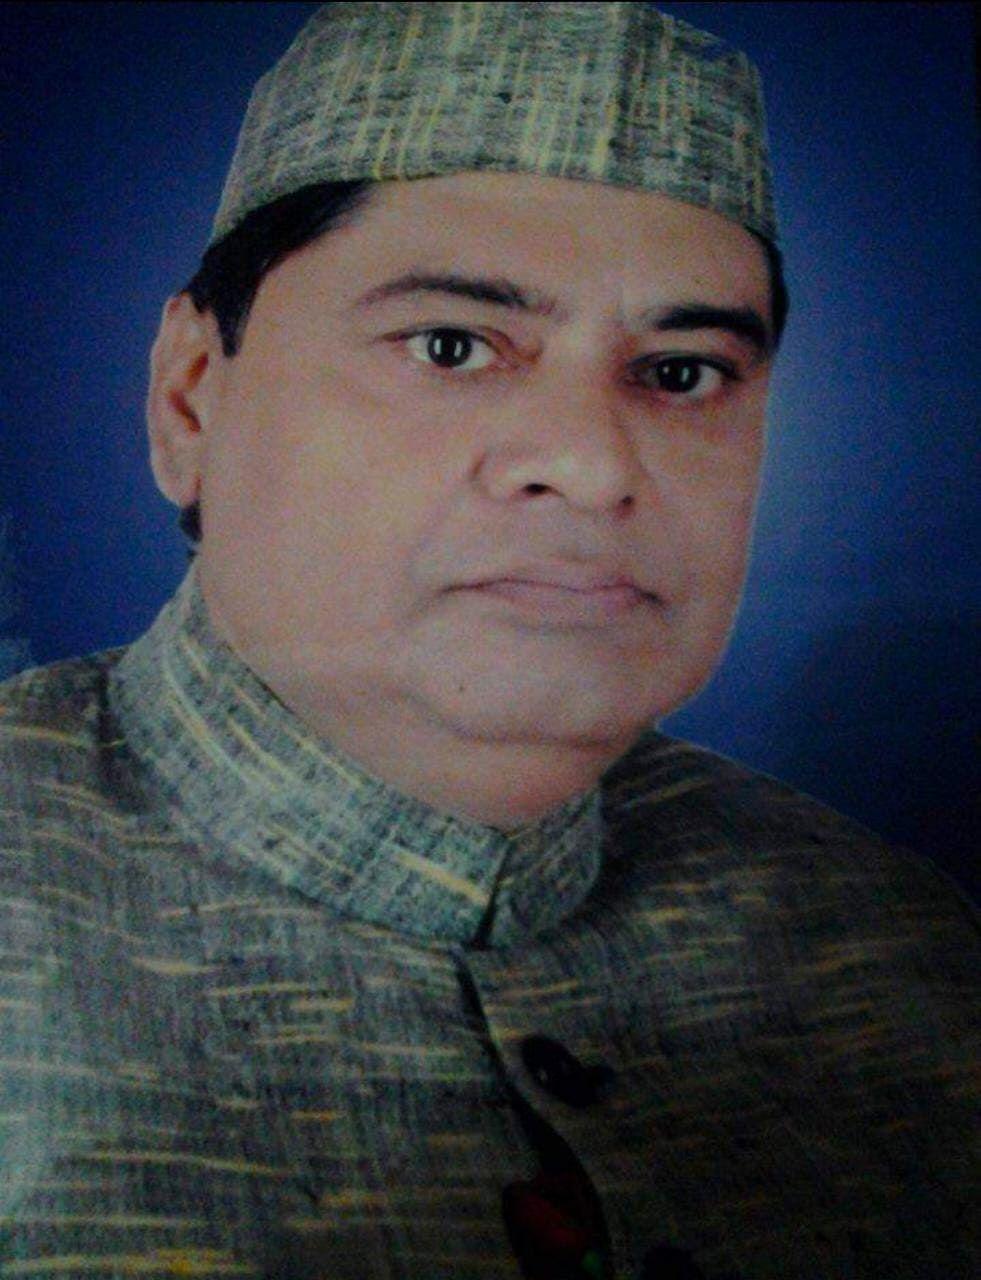 अम्बेडकरनगर : कपड़ा व्यवसायी की कोरोना संक्रमण से मौत